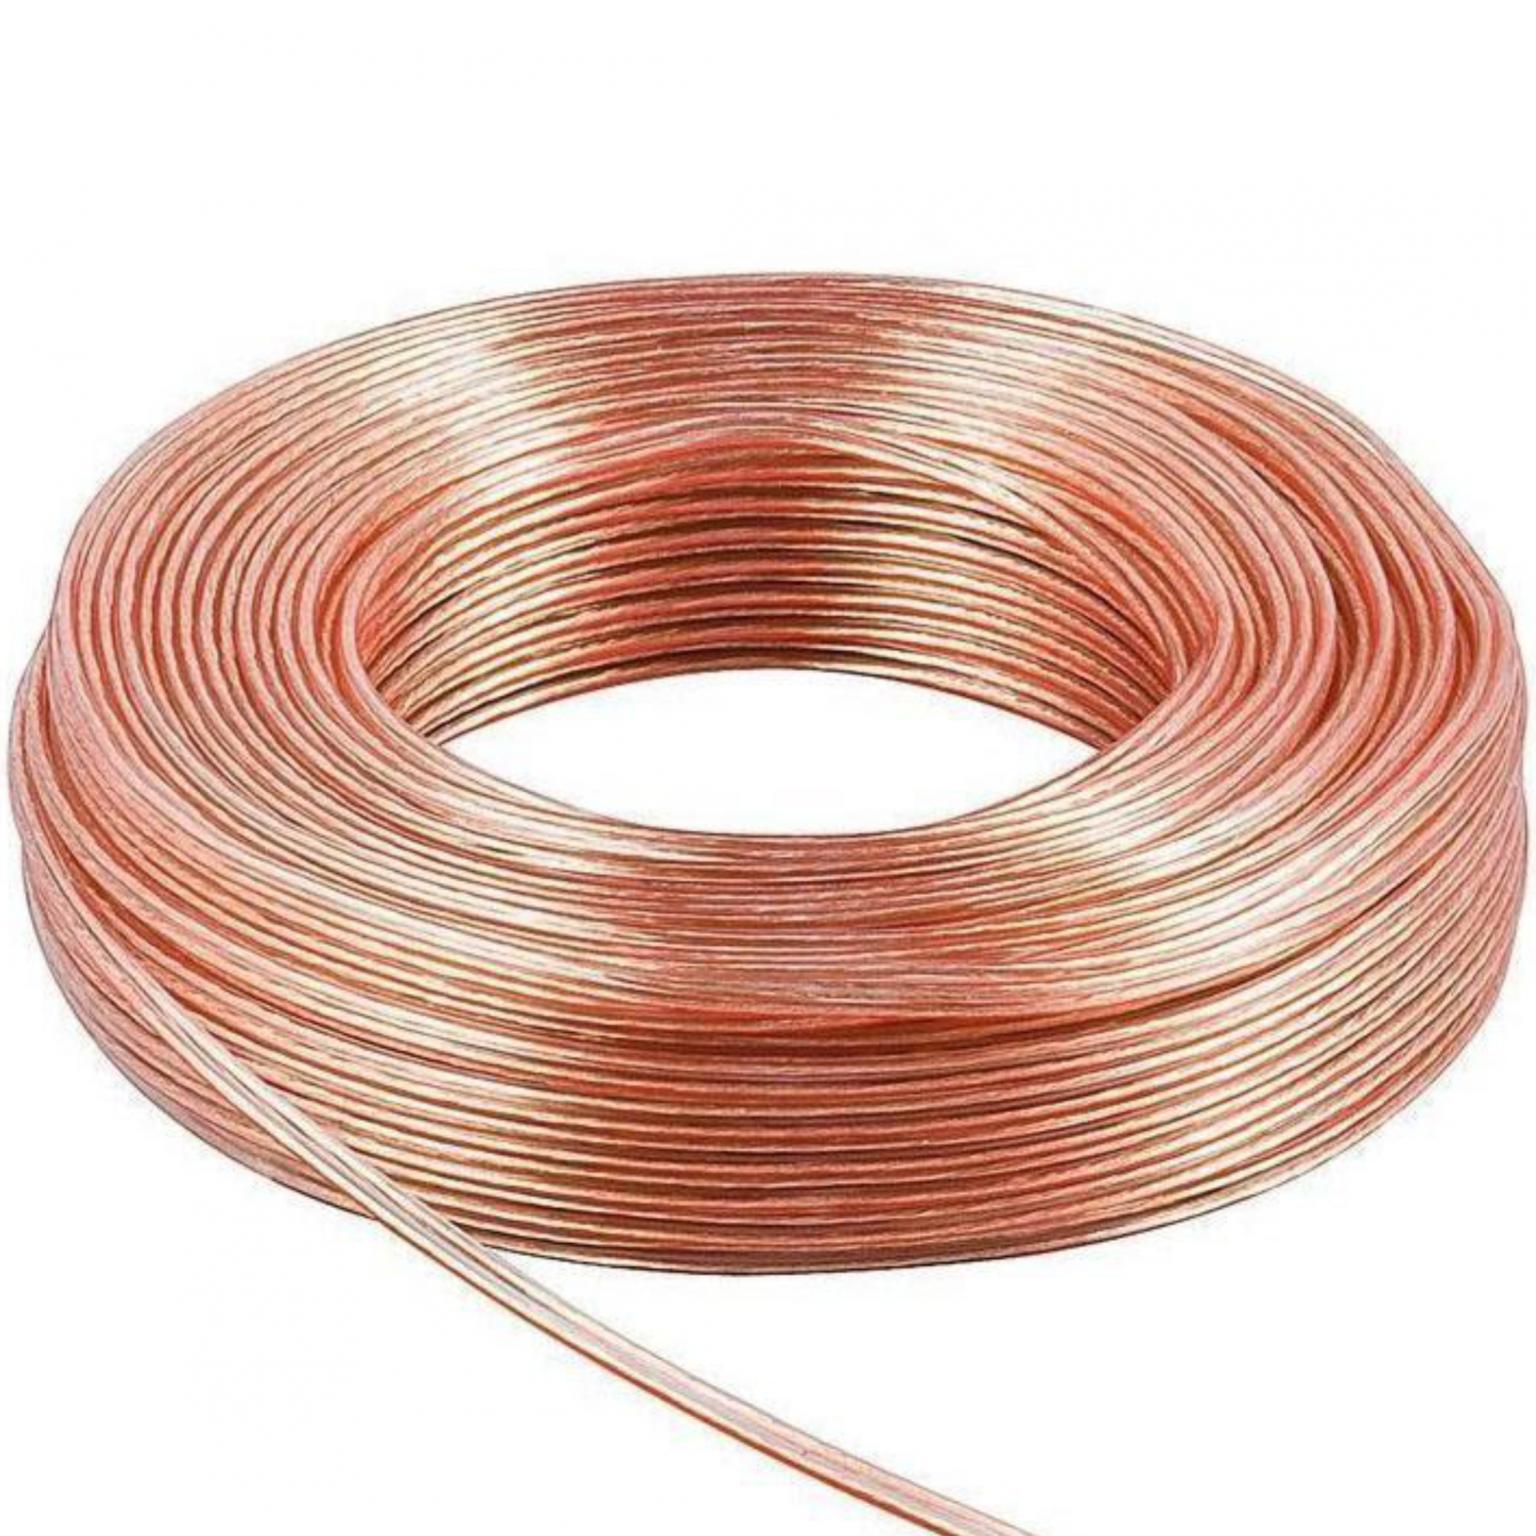 Luidspreker Kabel - 1.5mm Haspel 10 meter